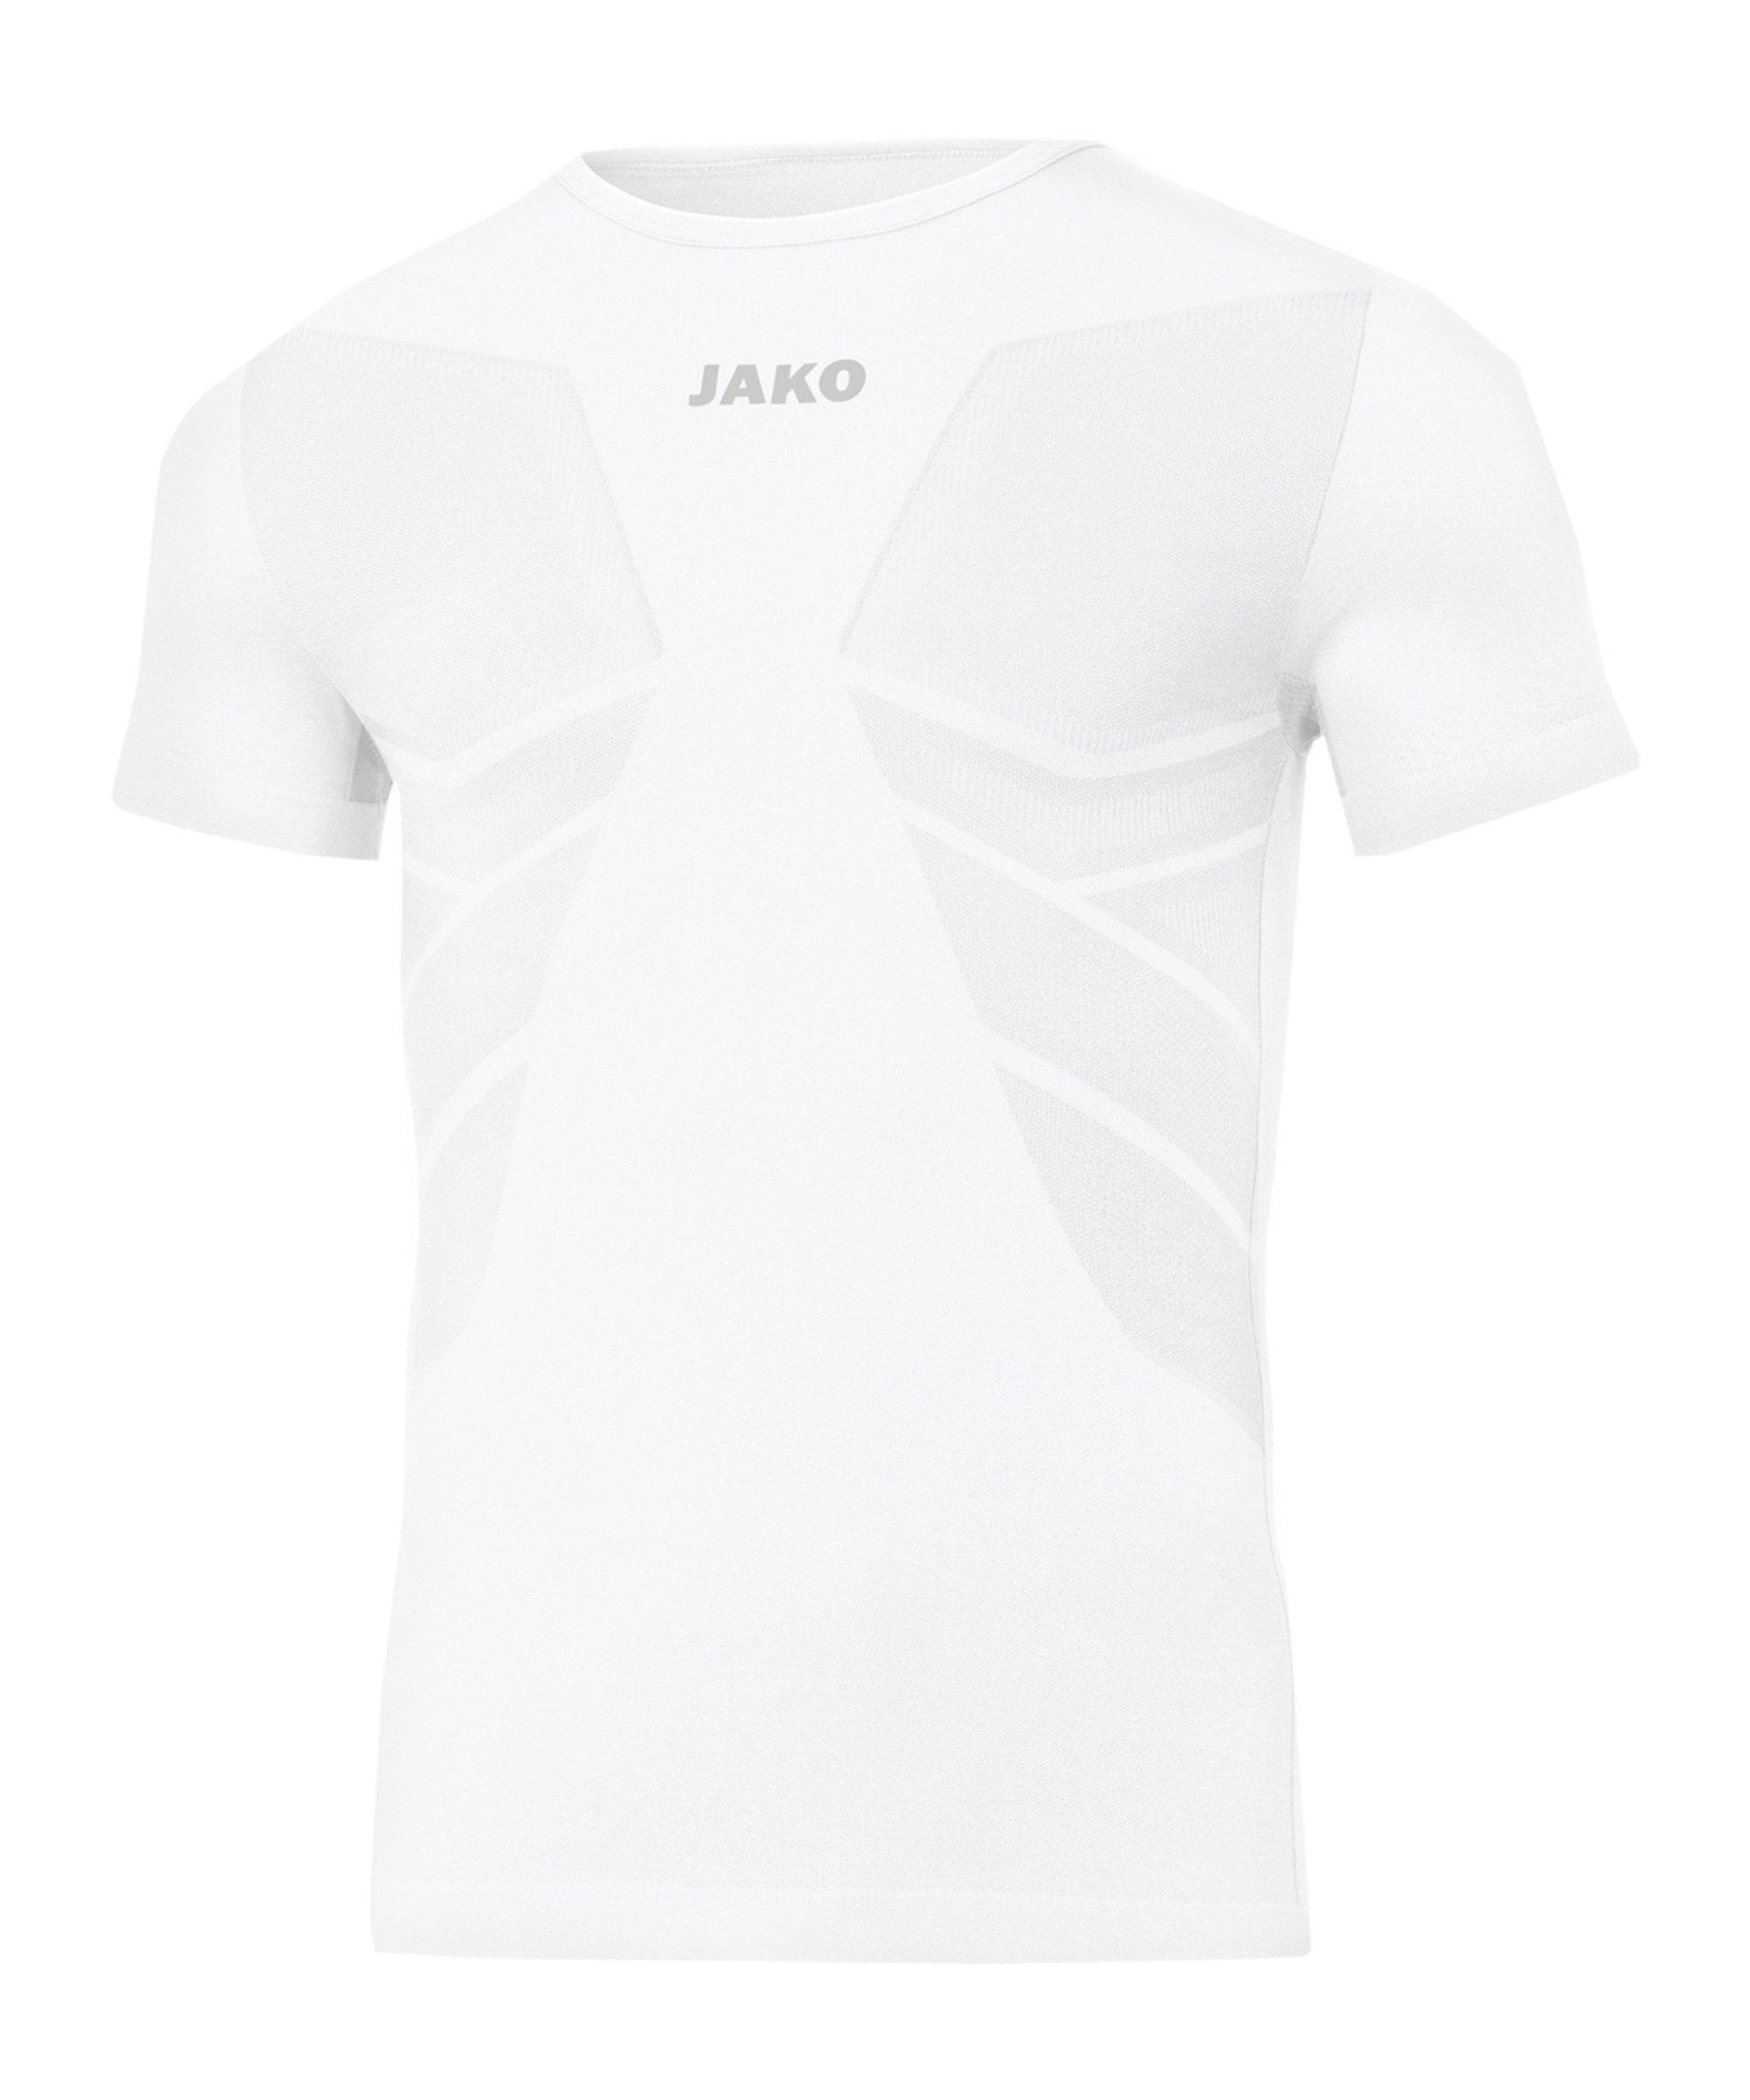 JAKO Comfort 2.0 T-Shirt Weiss F00 - weiss